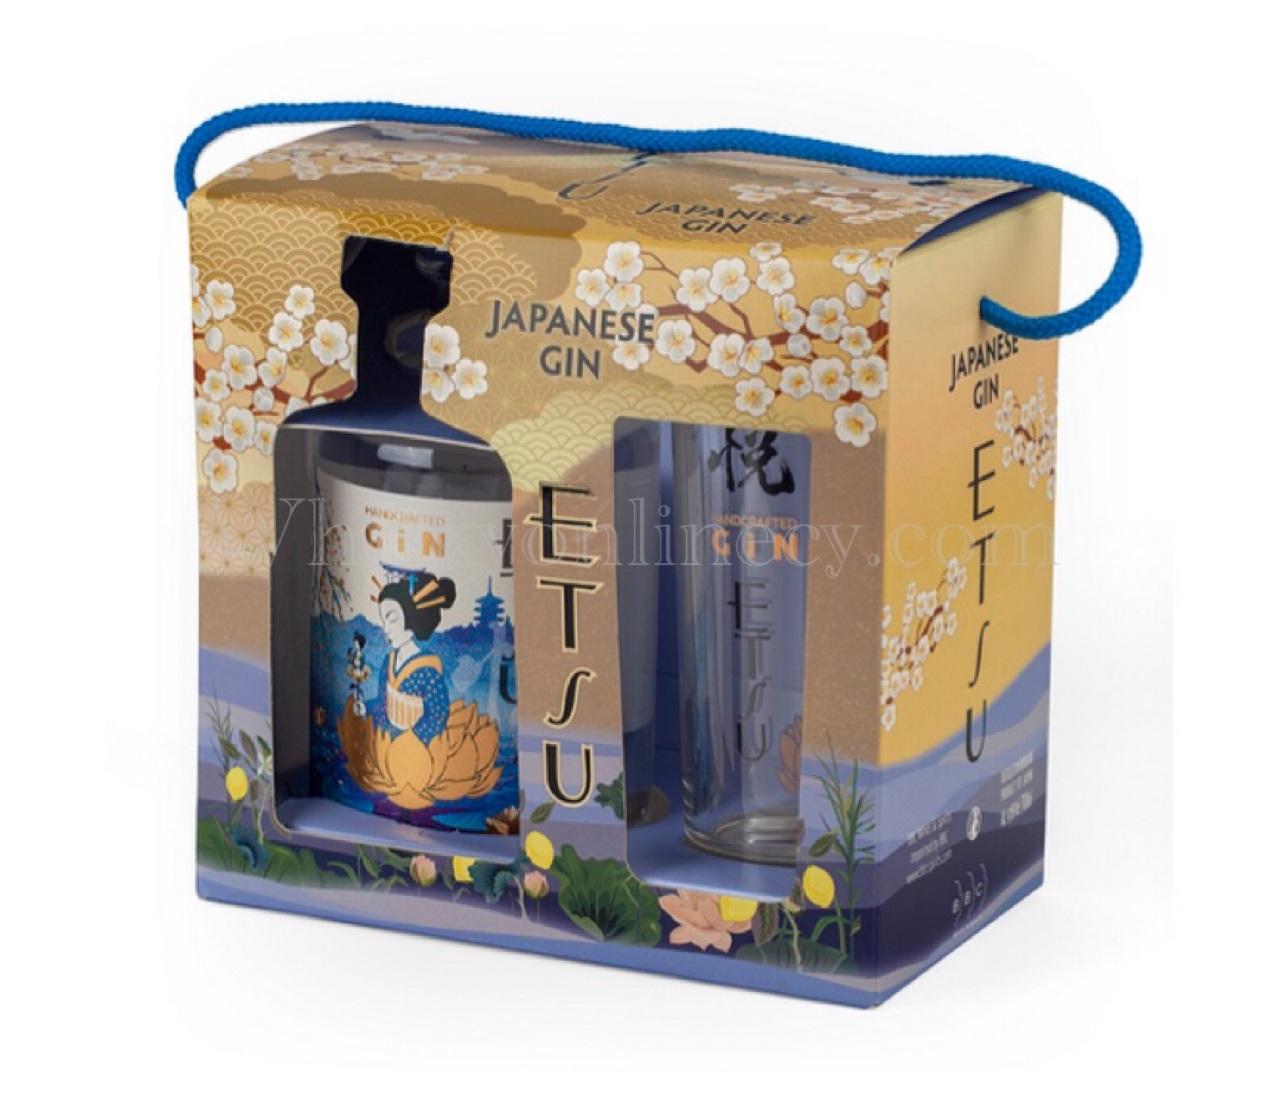 Coffret Gin Japonais ETSU 43 %| 1 bouteille 70cl + 1 verre